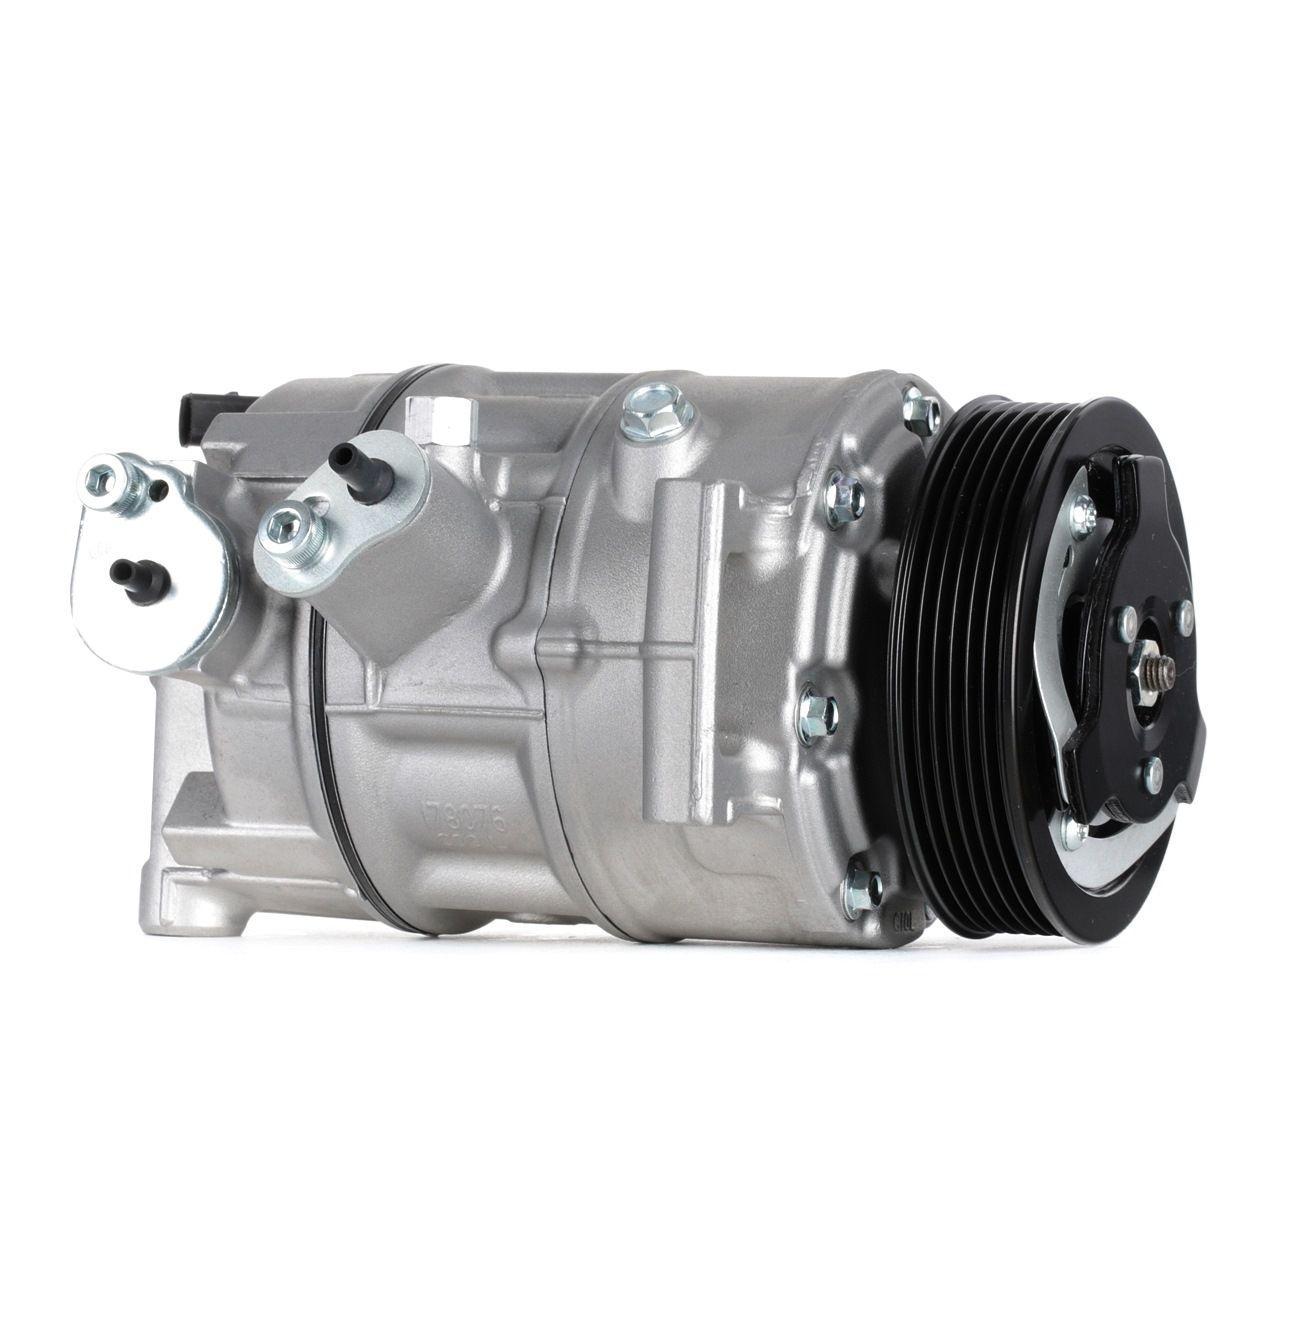 SKKM-0340119 STARK PAG 46, Kältemittel: R 134a, mit PAG-Kompressoröl Riemenscheiben-Ø: 110mm, Anzahl der Rillen: 6 Klimakompressor SKKM-0340119 günstig kaufen